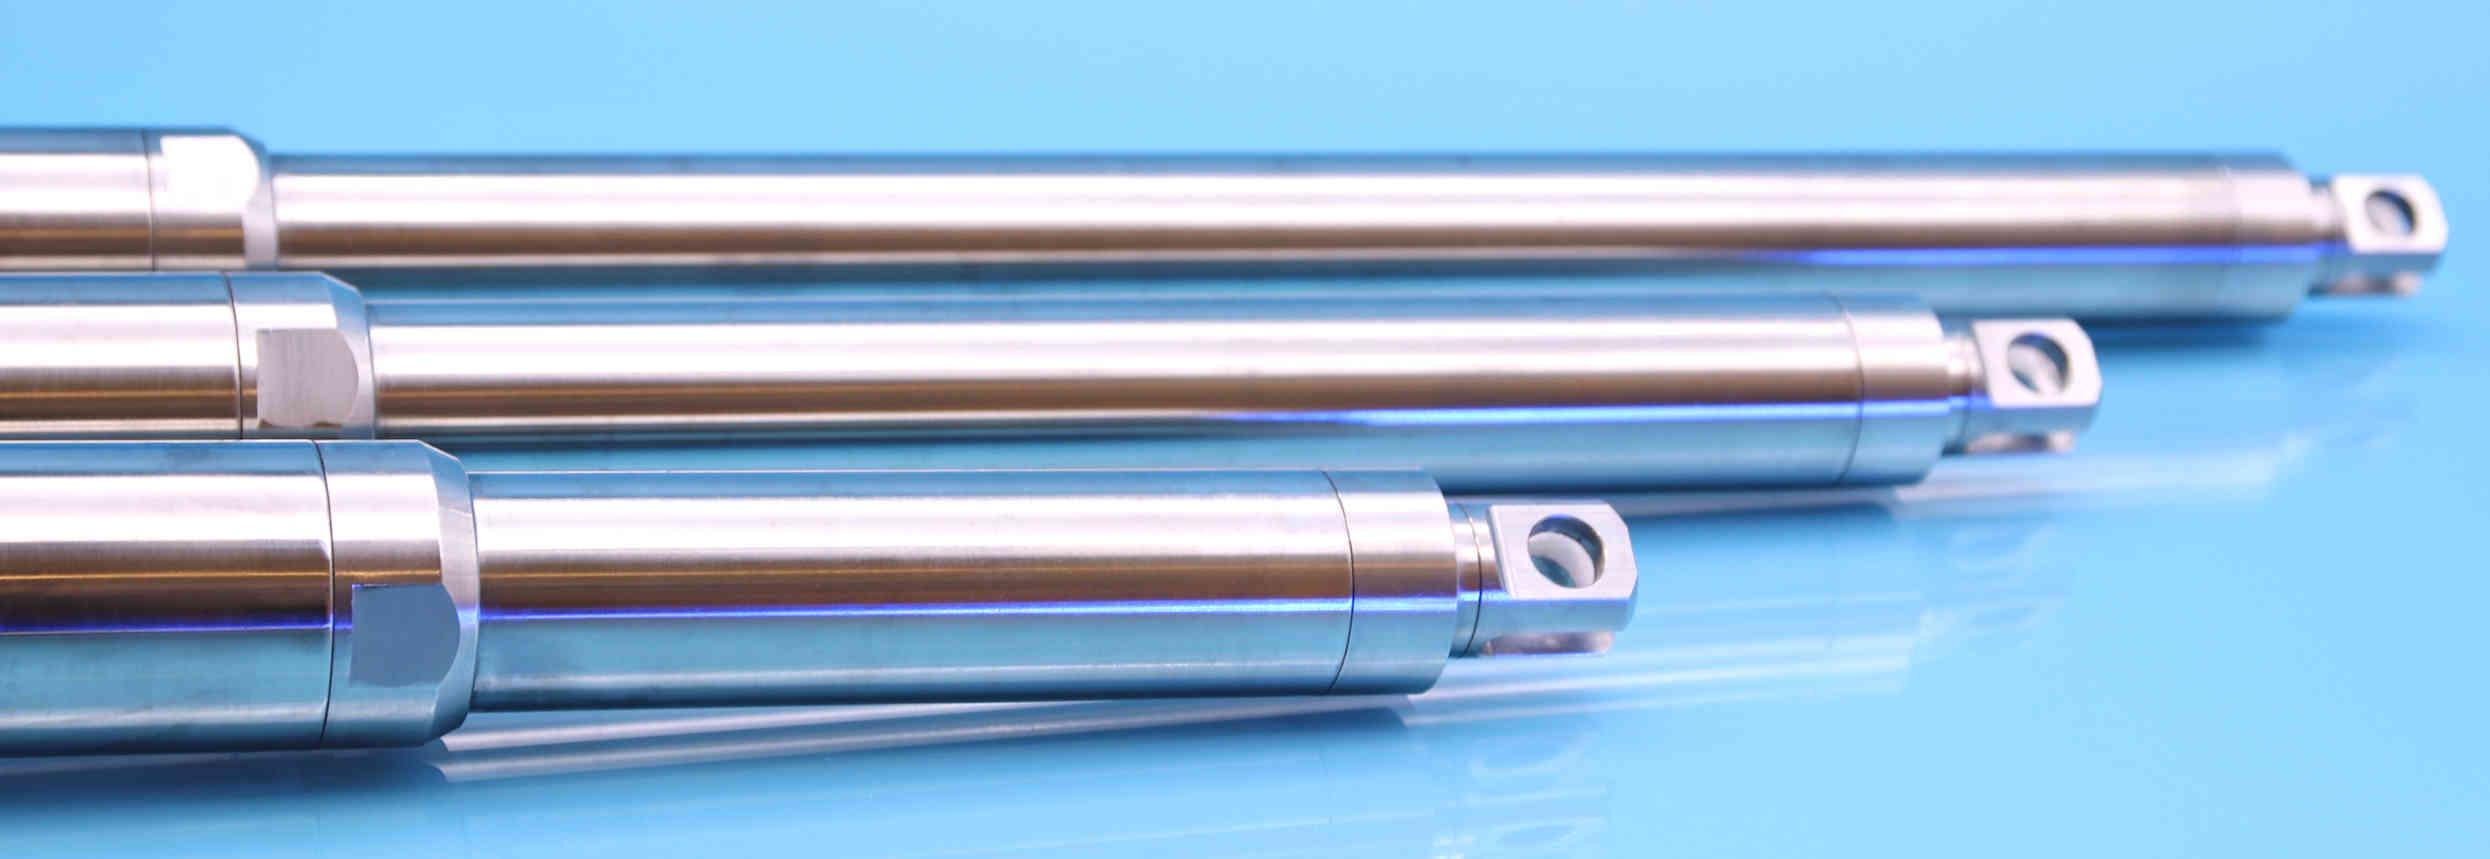 Edelstahl-Elektrozylinder Sliderbild - Antriebstechnik, die bewegt!